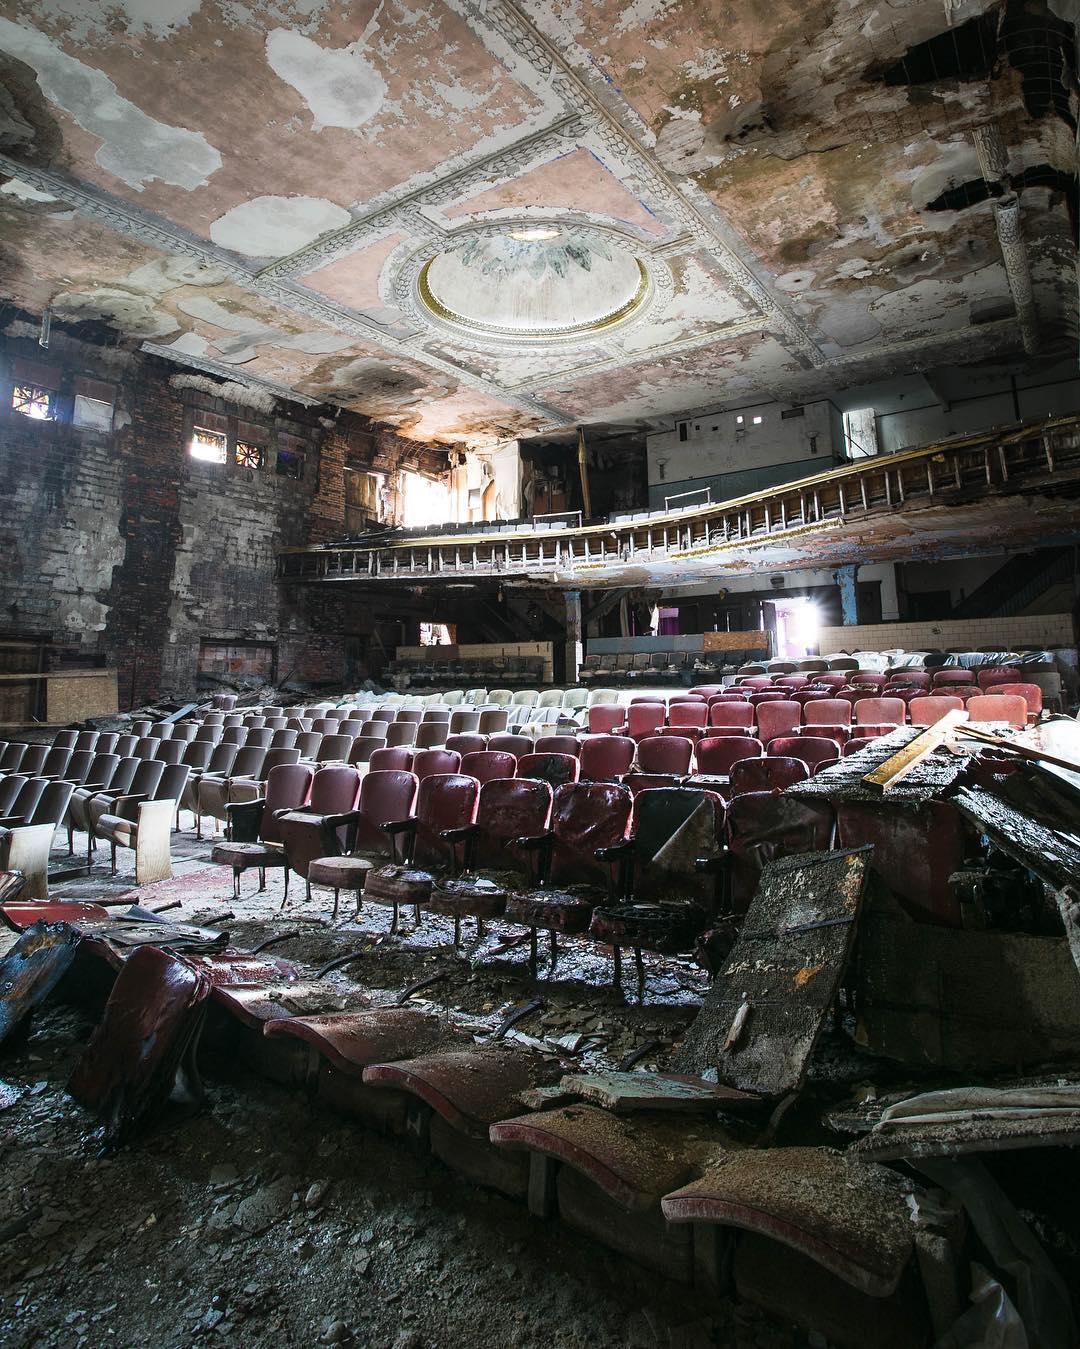 Заброшенные места в США на снимках Дженн Браун